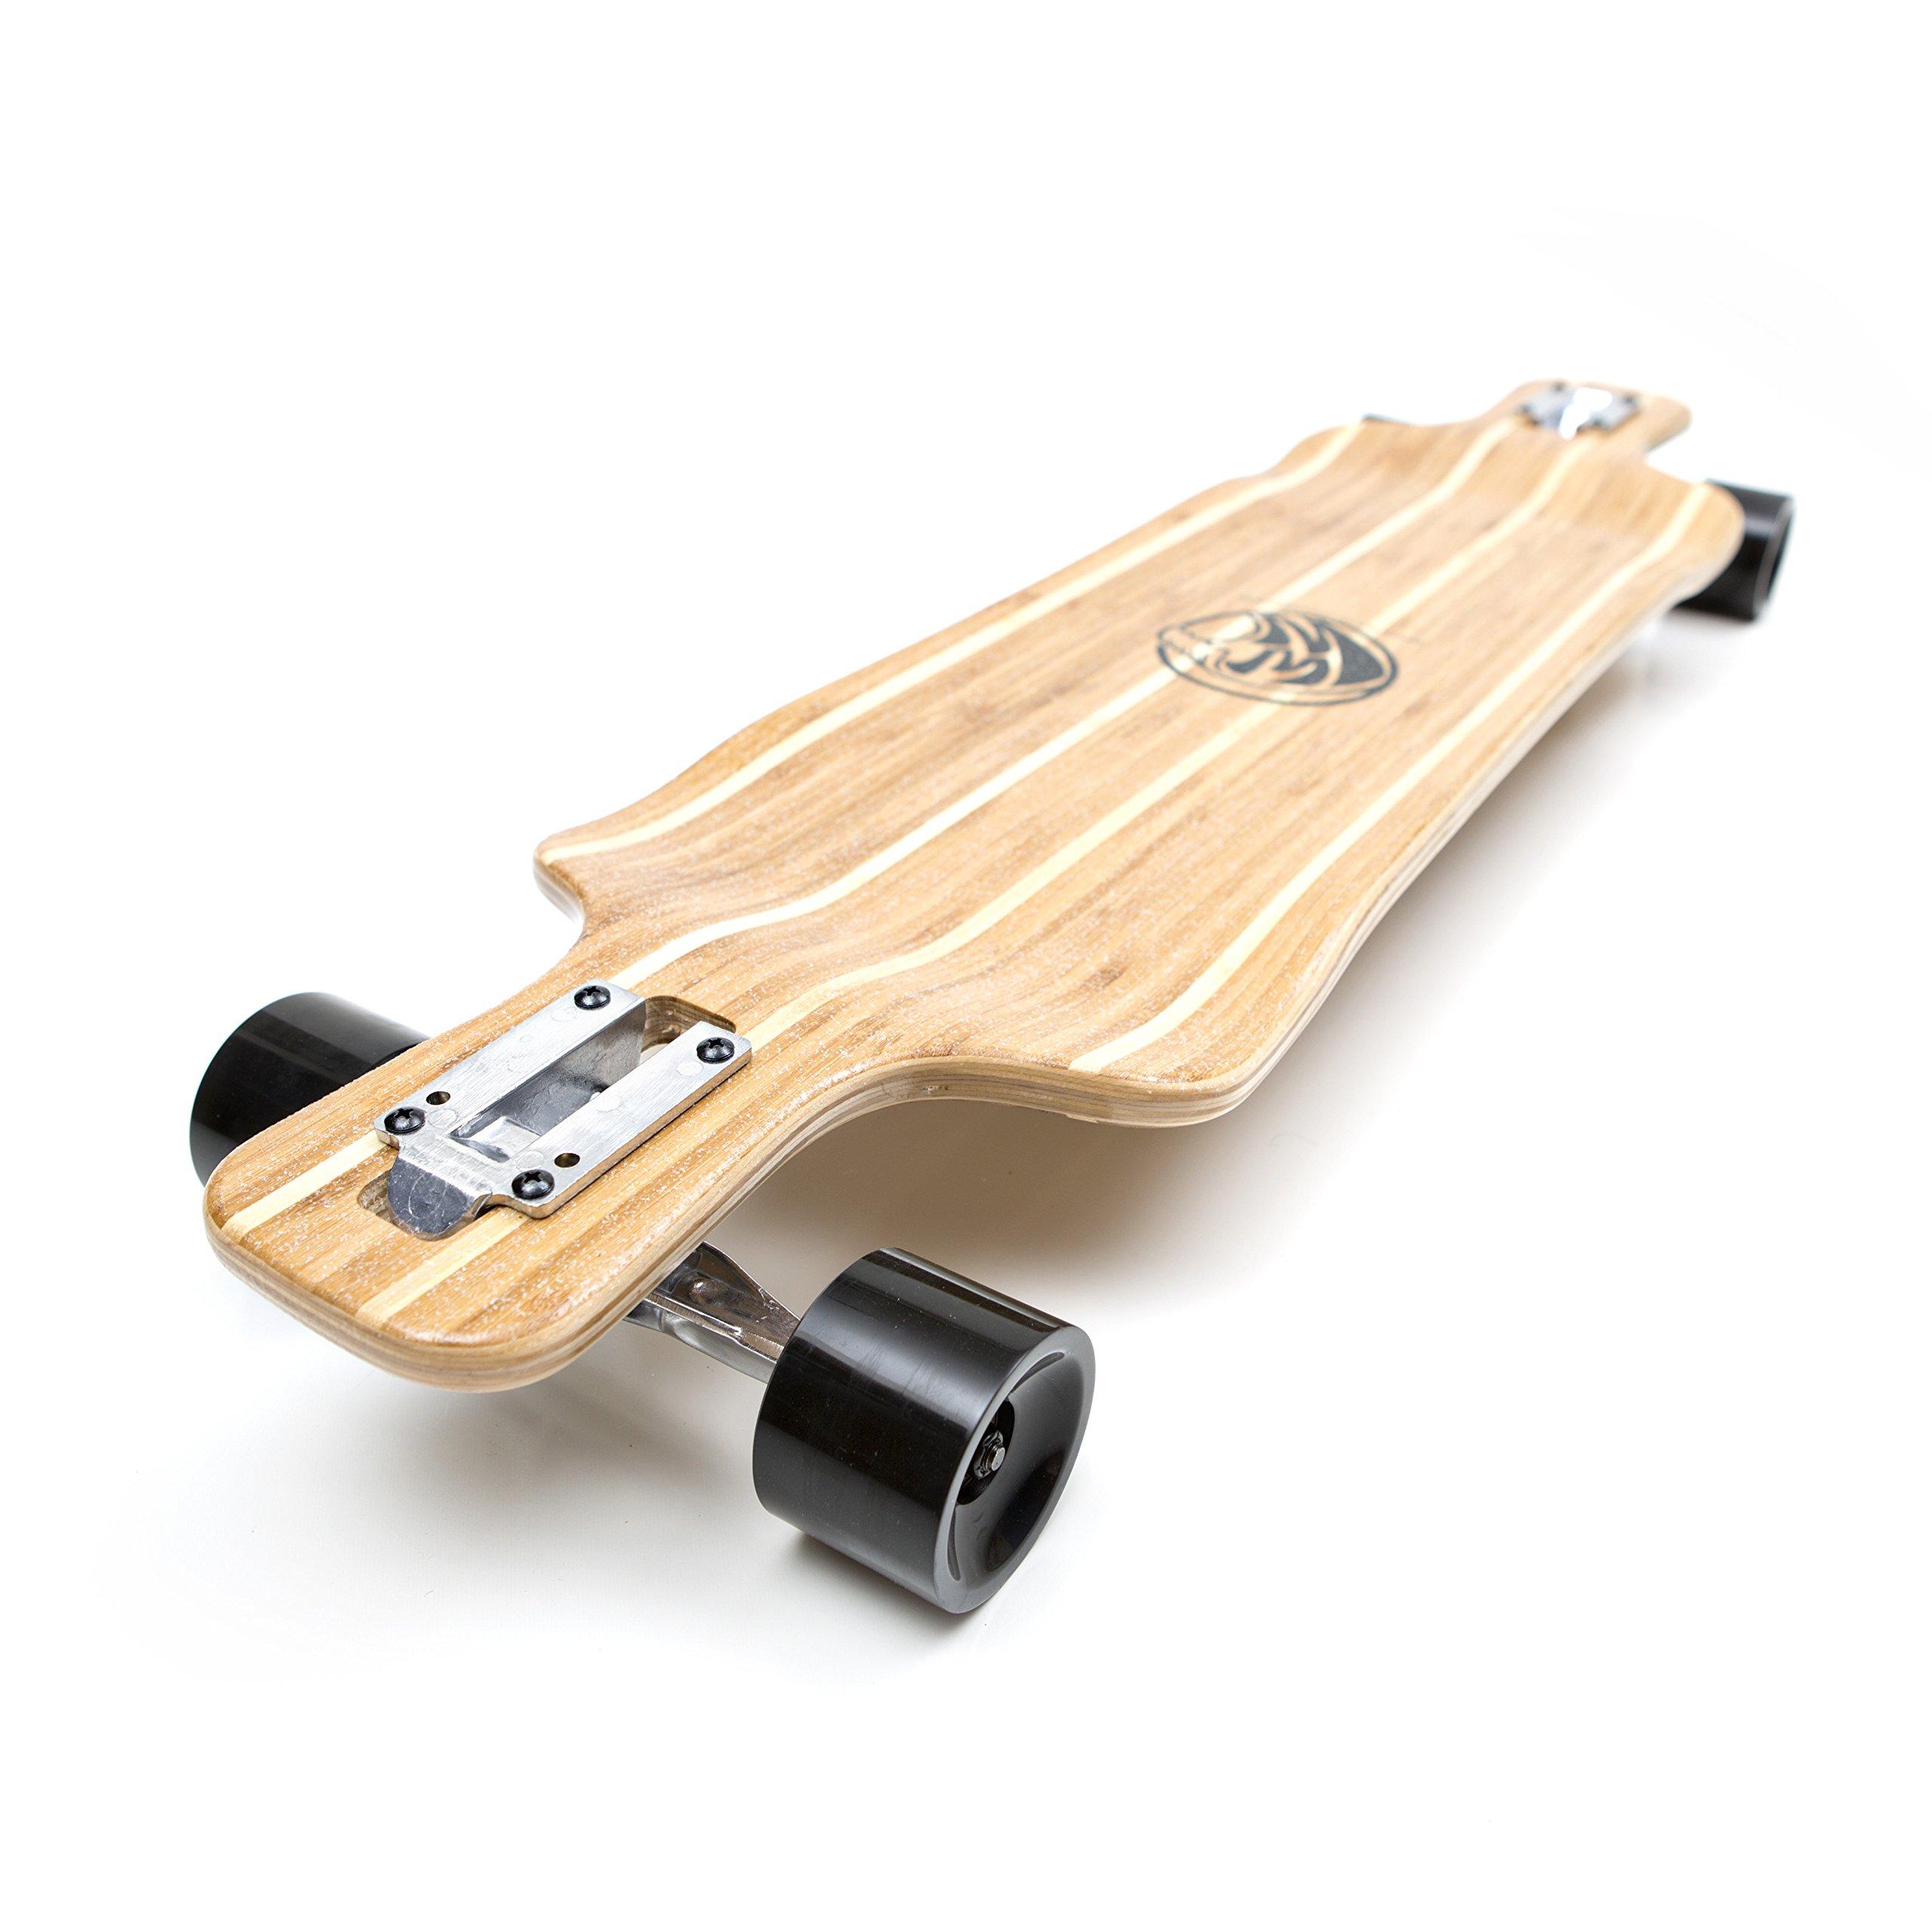 White Wave Bamboo Longboard Skateboard (Warrior)